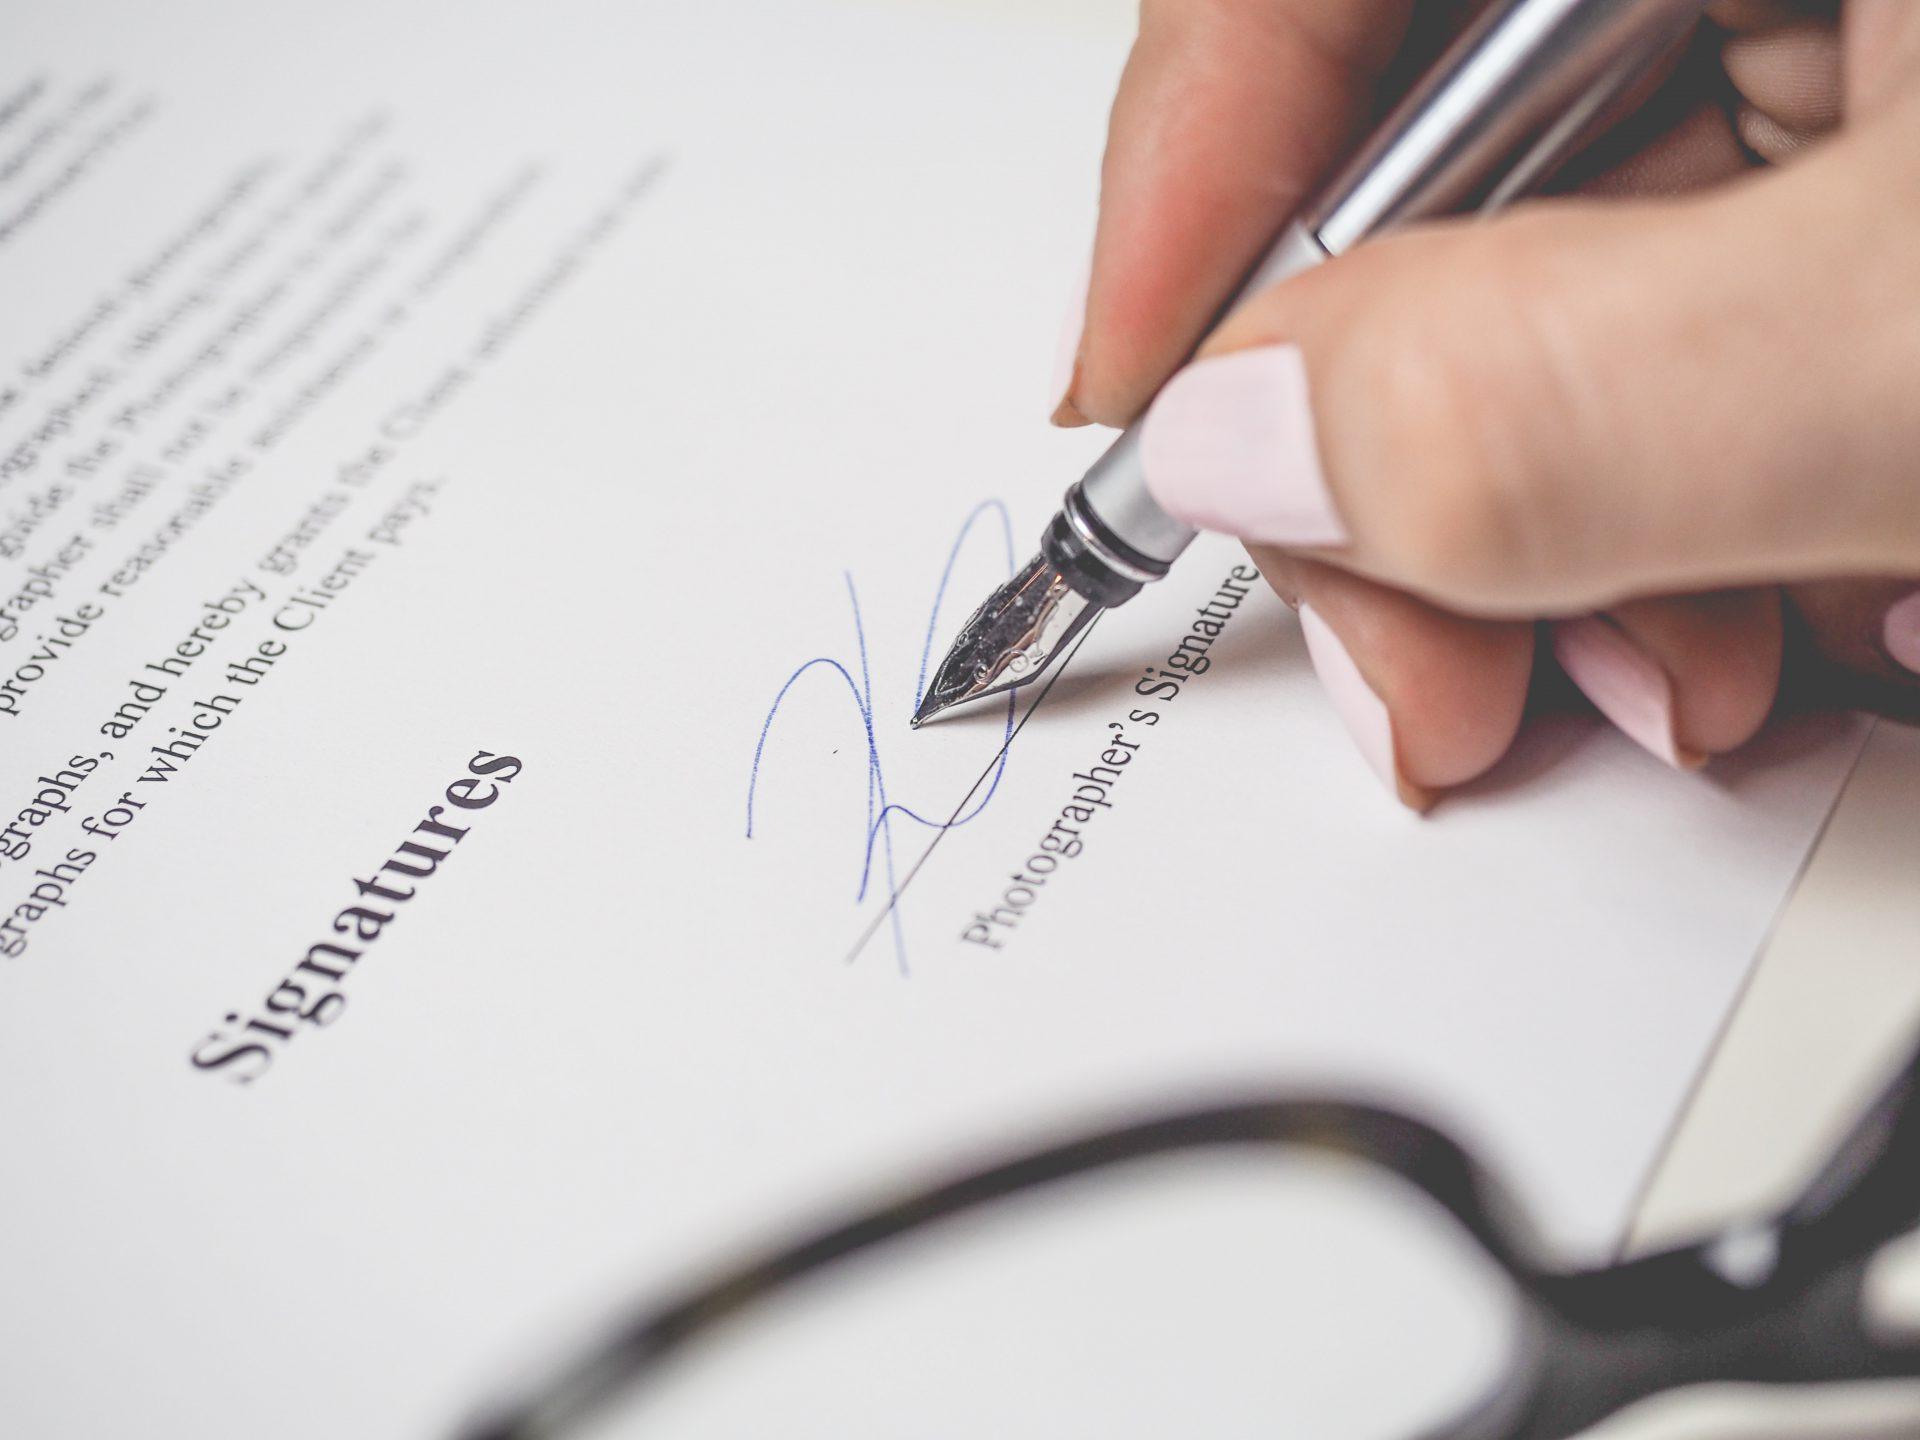 przekazanie praw autorskich w copywritingu